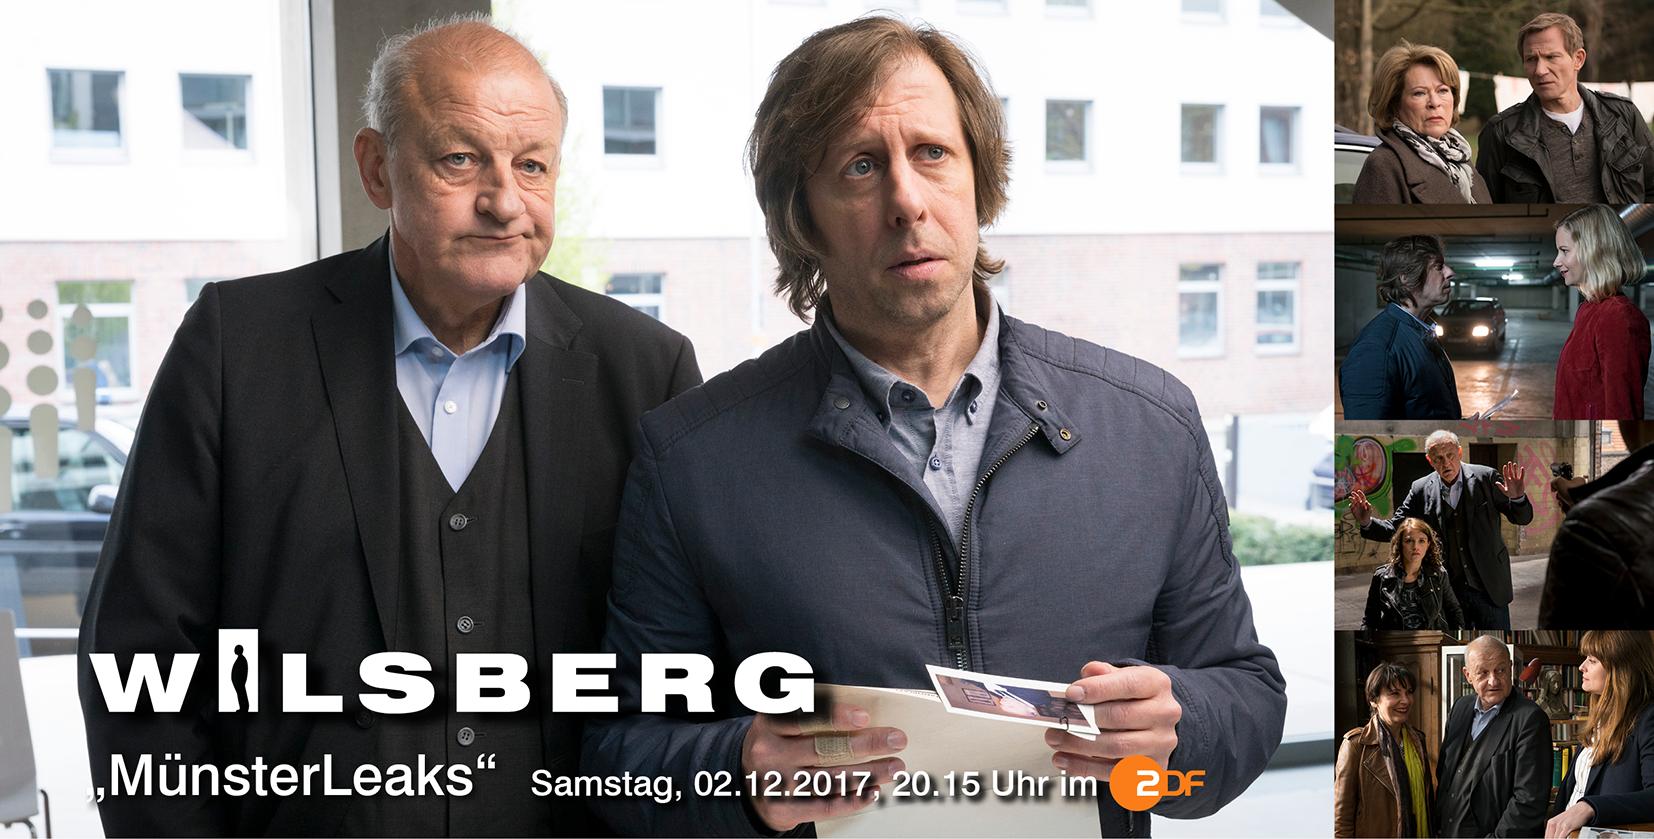 Foto: ZDF / Thomas Kost